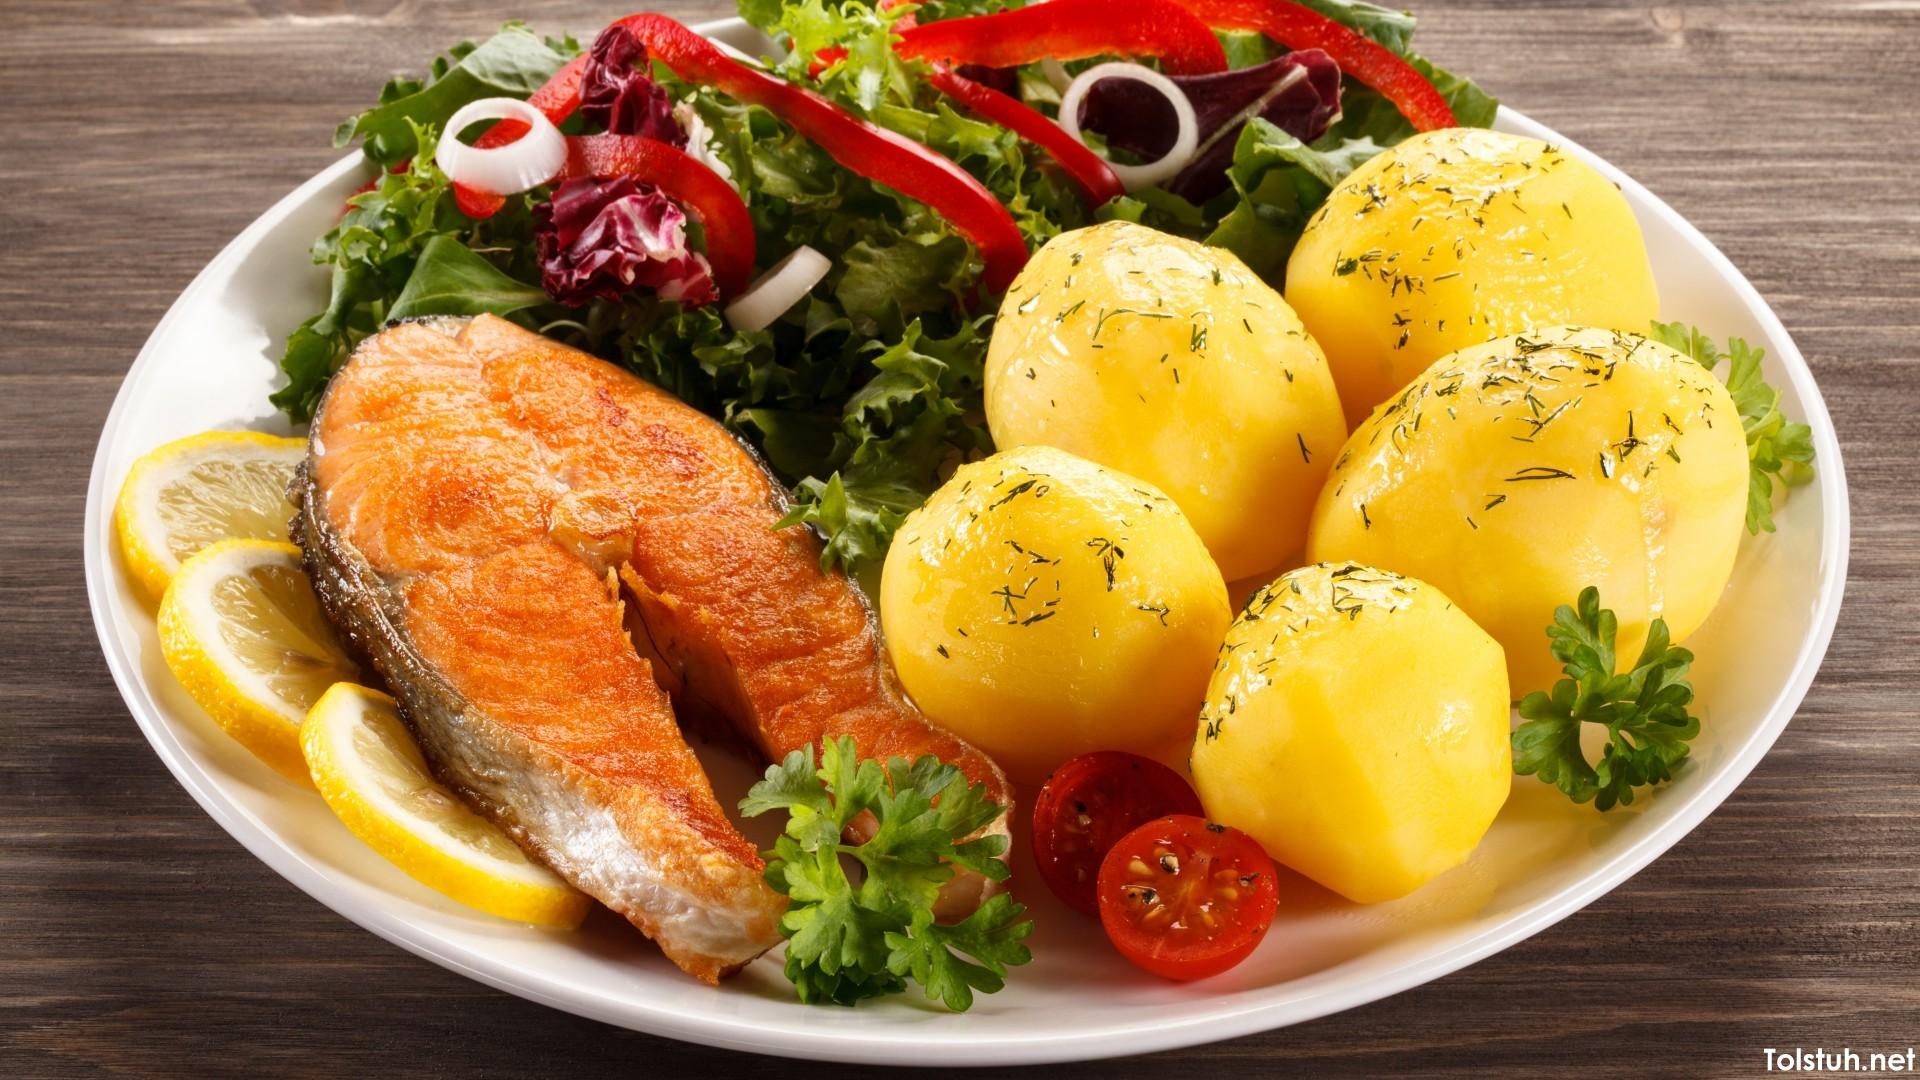 здоровое питание в минске